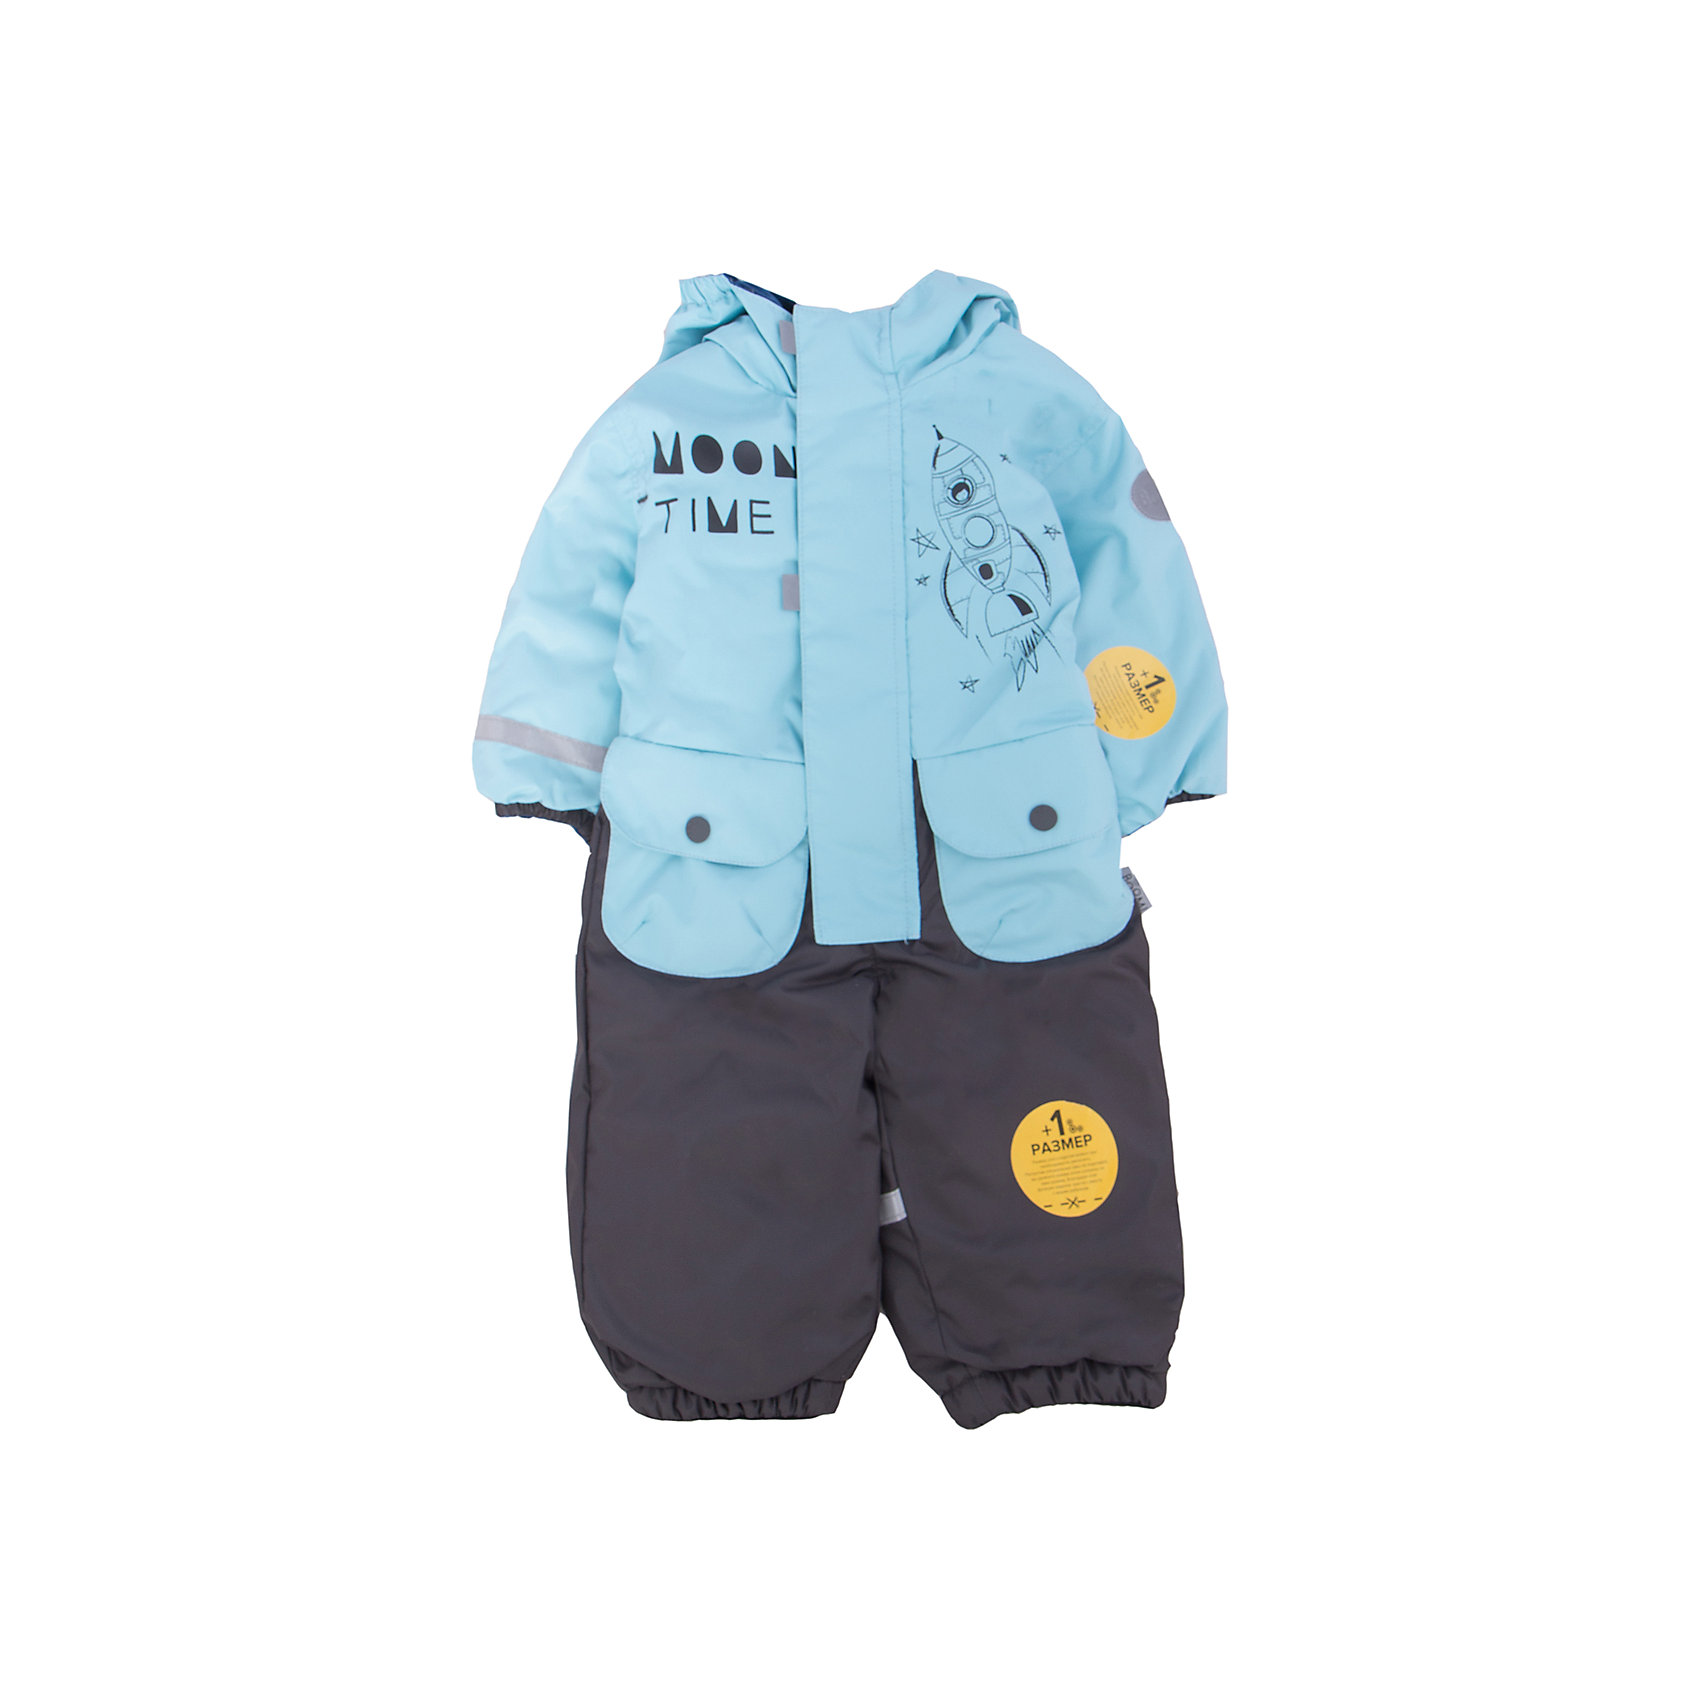 Комбинезон для мальчика BOOM by OrbyВерхняя одежда<br>Характеристики товара:<br><br>• цвет: голубой/серый<br>• состав: верх - нейлон с мембранным покрытием 3000*3000, подкладка - поларфлис, поликоттон, утеплитель: FiberSoft 100 г/м2<br>• температурный режим: от -5° до +10°С<br>• ветронепроницаемый<br>• капюшон не отстёгивается<br>• застежка - молния<br>• планка от ветра<br>• водо- и грязеотталкивающее покрытие<br>• карманы<br>• декорирован принтом<br>• мембранное дышащее покрытие<br>• комфортная посадка<br>• страна производства: Российская Федерация<br>• страна бренда: Российская Федерация<br>• коллекция: весна-лето 2017<br><br>Одежда для самых маленьких должна быть особо комфортной! Такой комбинезон - отличный вариант для межсезонья с постоянно меняющейся погодой. Эта модель - модная и удобная одновременно! Изделие отличается стильным ярким дизайном. Комбинезон дополнен мягкой подкладкой. Вещь была разработана специально для малышей.<br><br>Одежда от российского бренда BOOM by Orby уже завоевала популярностью у многих детей и их родителей. Вещи, выпускаемые компанией, качественные, продуманные и очень удобные. Для производства коллекций используются только безопасные для детей материалы. Спешите приобрести модели из новой коллекции Весна-лето 2017! <br><br>Комбинезон для мальчика от бренда BOOM by Orby можно купить в нашем интернет-магазине.<br><br>Ширина мм: 356<br>Глубина мм: 10<br>Высота мм: 245<br>Вес г: 519<br>Цвет: голубой<br>Возраст от месяцев: 6<br>Возраст до месяцев: 9<br>Пол: Мужской<br>Возраст: Детский<br>Размер: 74,98,80,86,92<br>SKU: 5342805